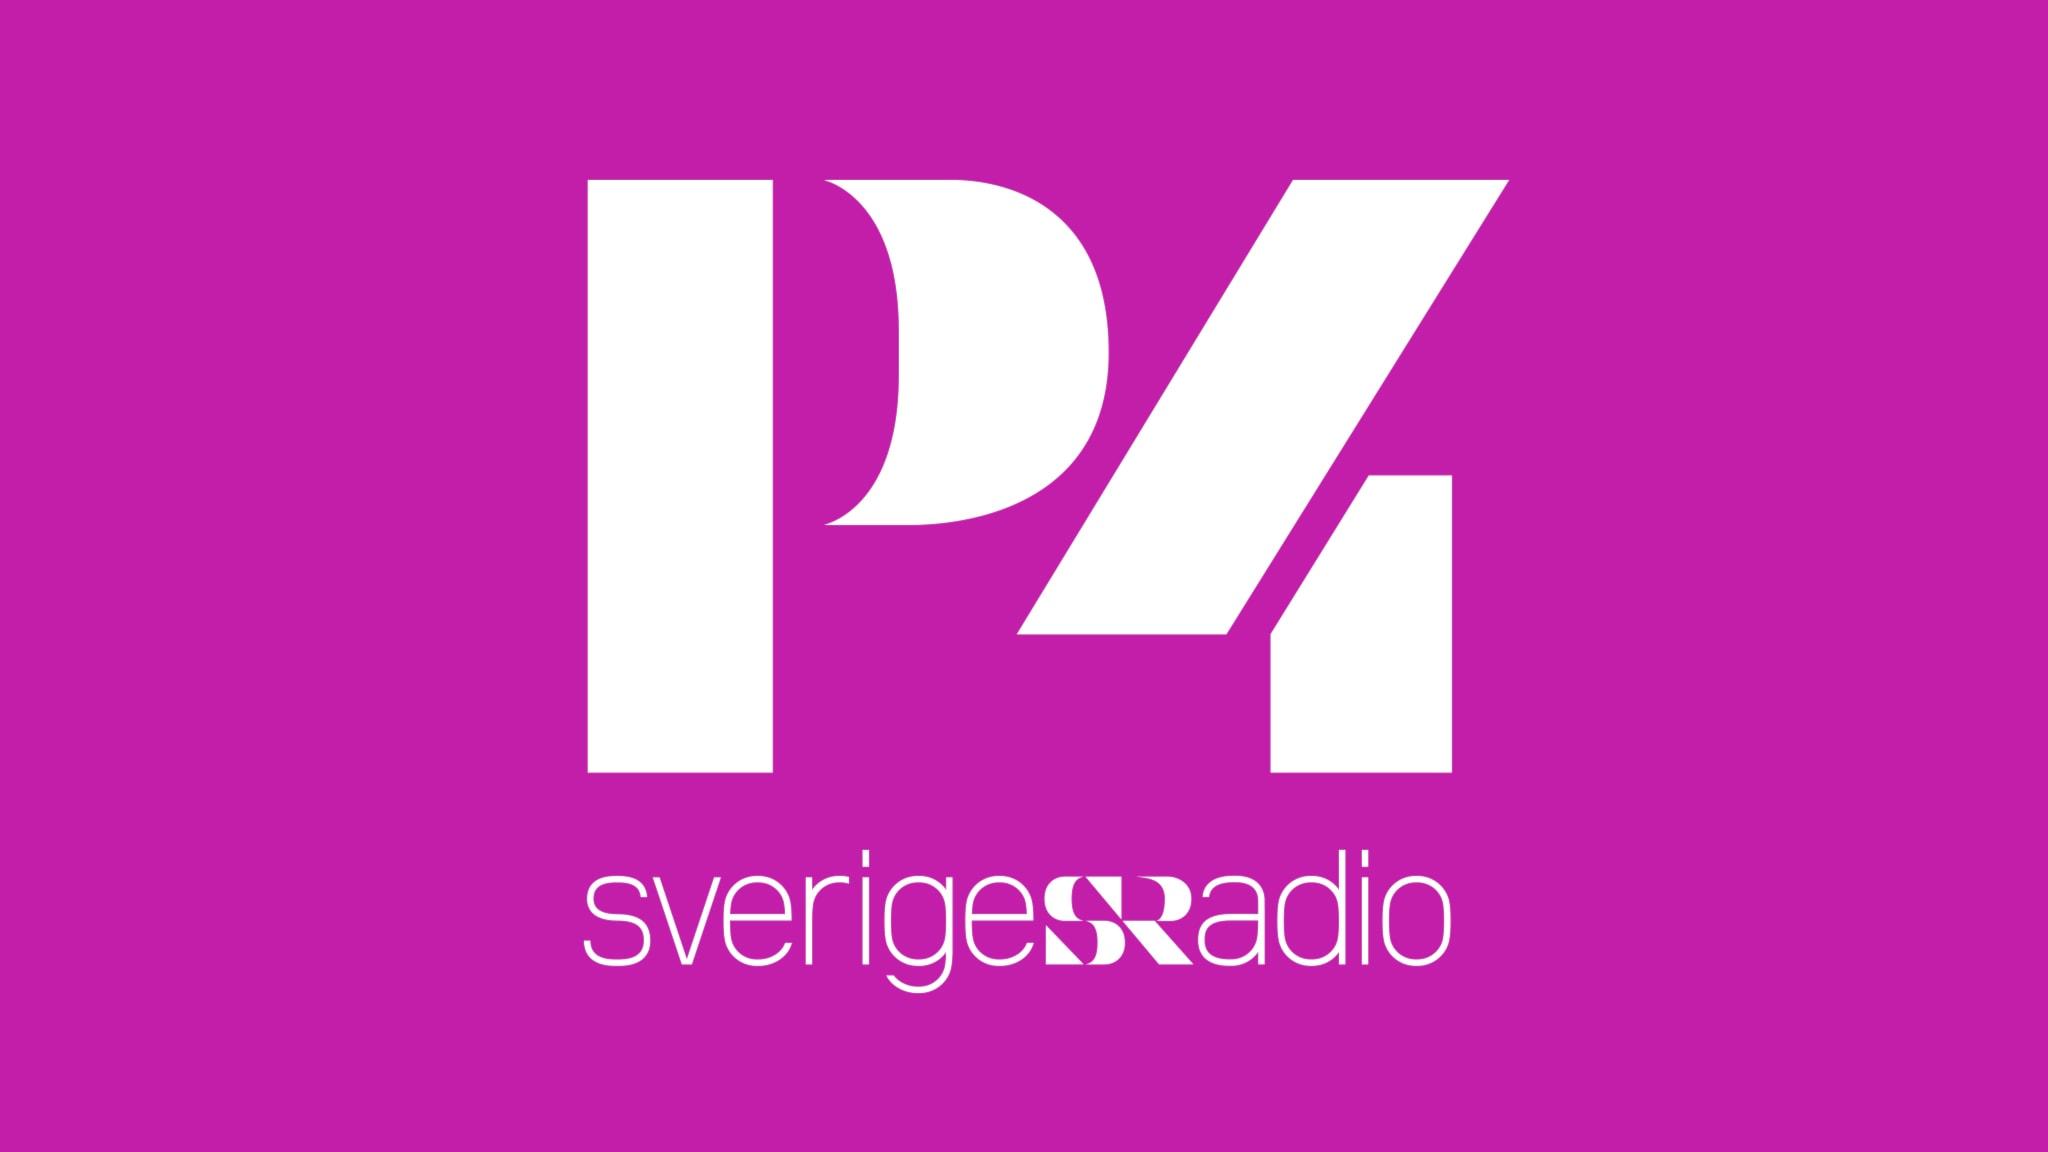 Trafik P4 Göteborg 20180706 09.31 (00.26)